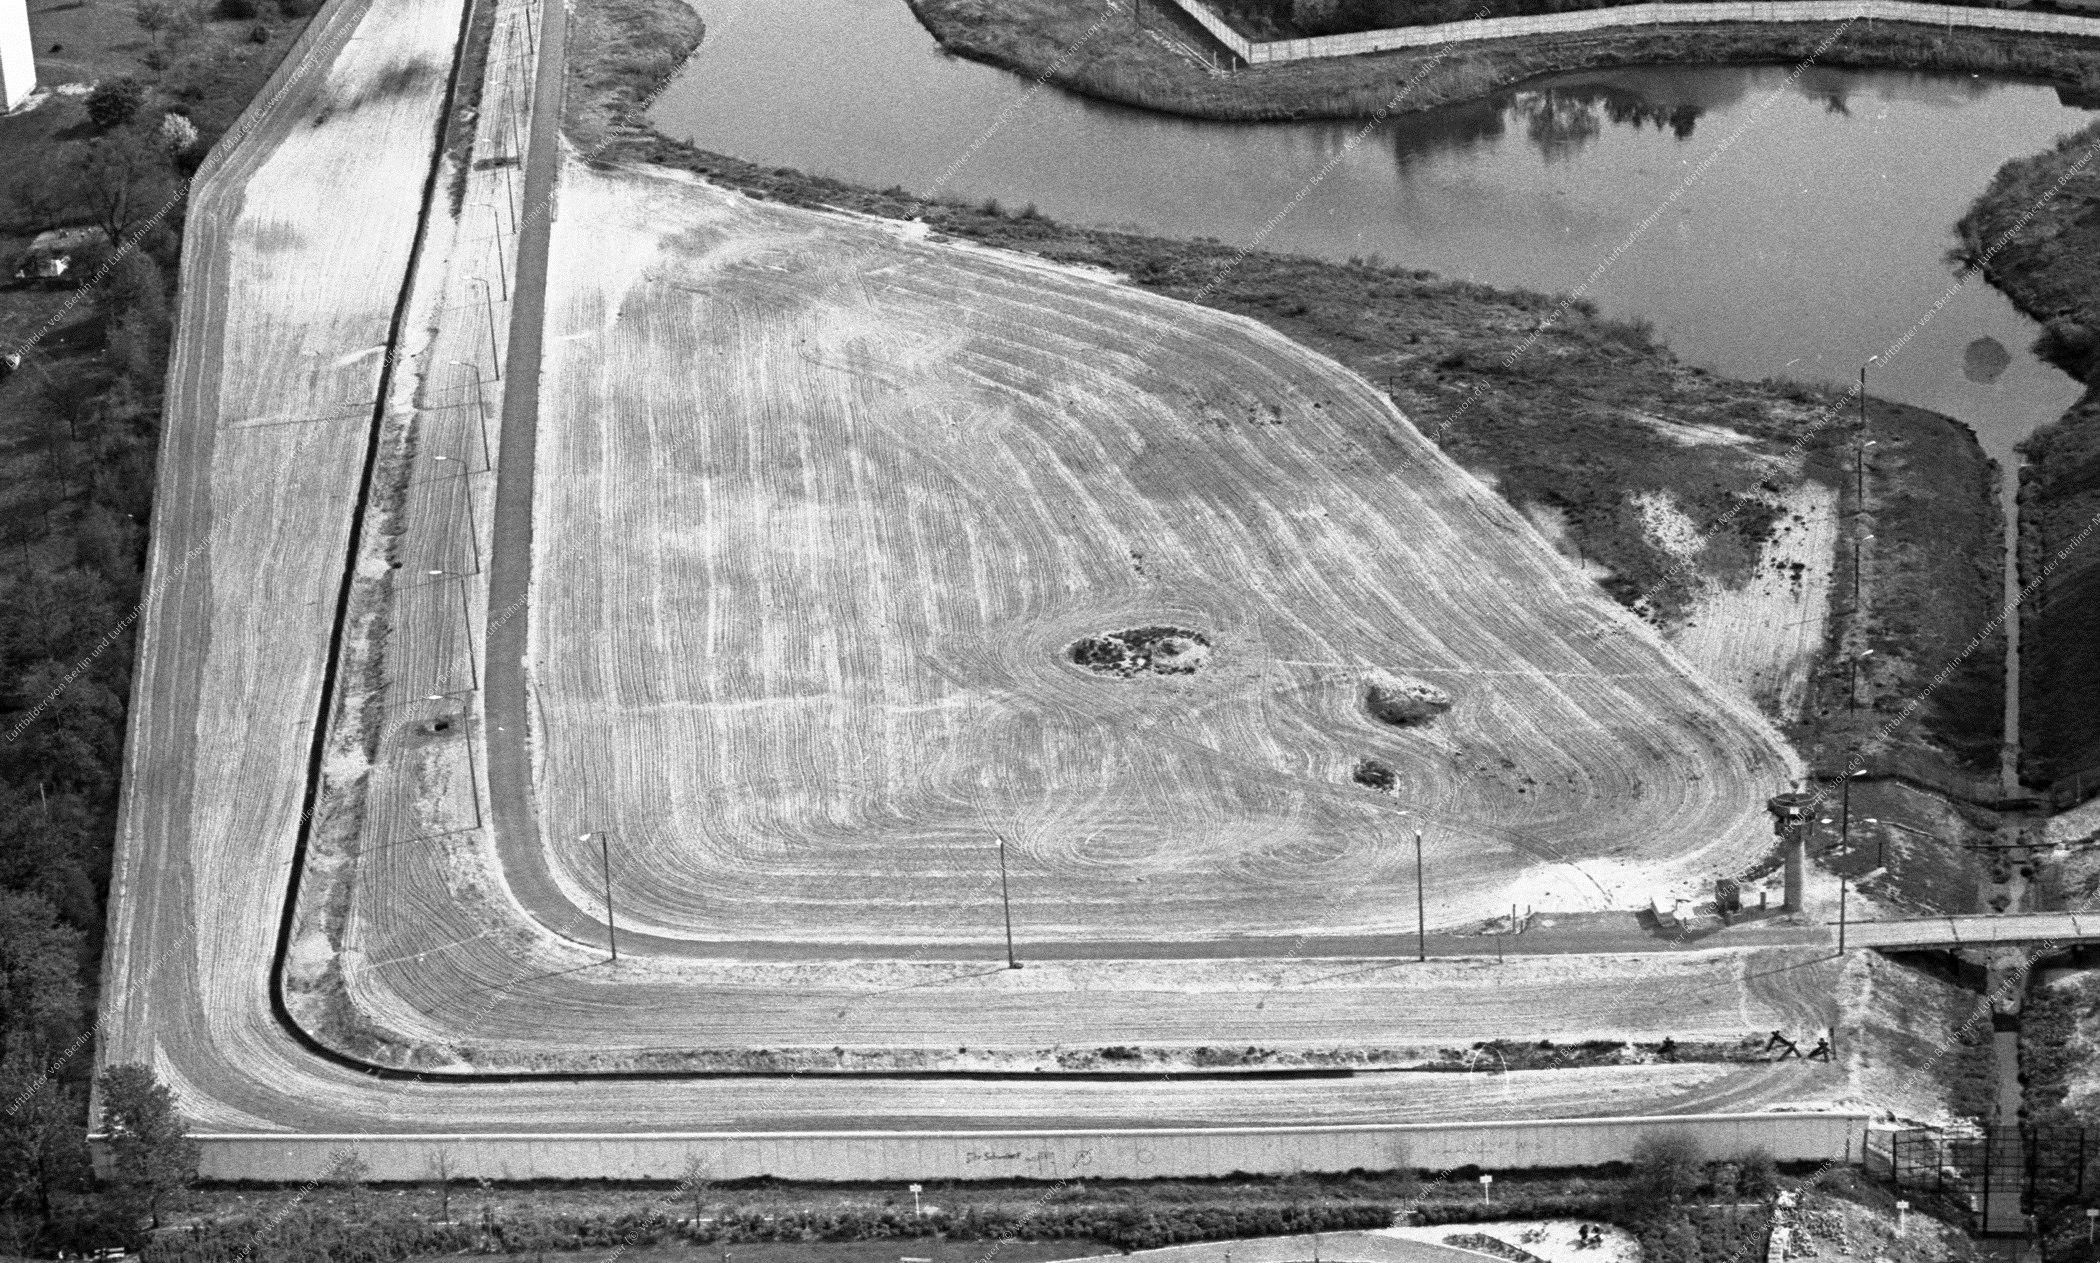 Berlin Luftaufnahme vom 12. Mai 1982 - Unbekannter Abschnitt der Berliner Mauer bzw. Grenze zur DDR (Bild 060)